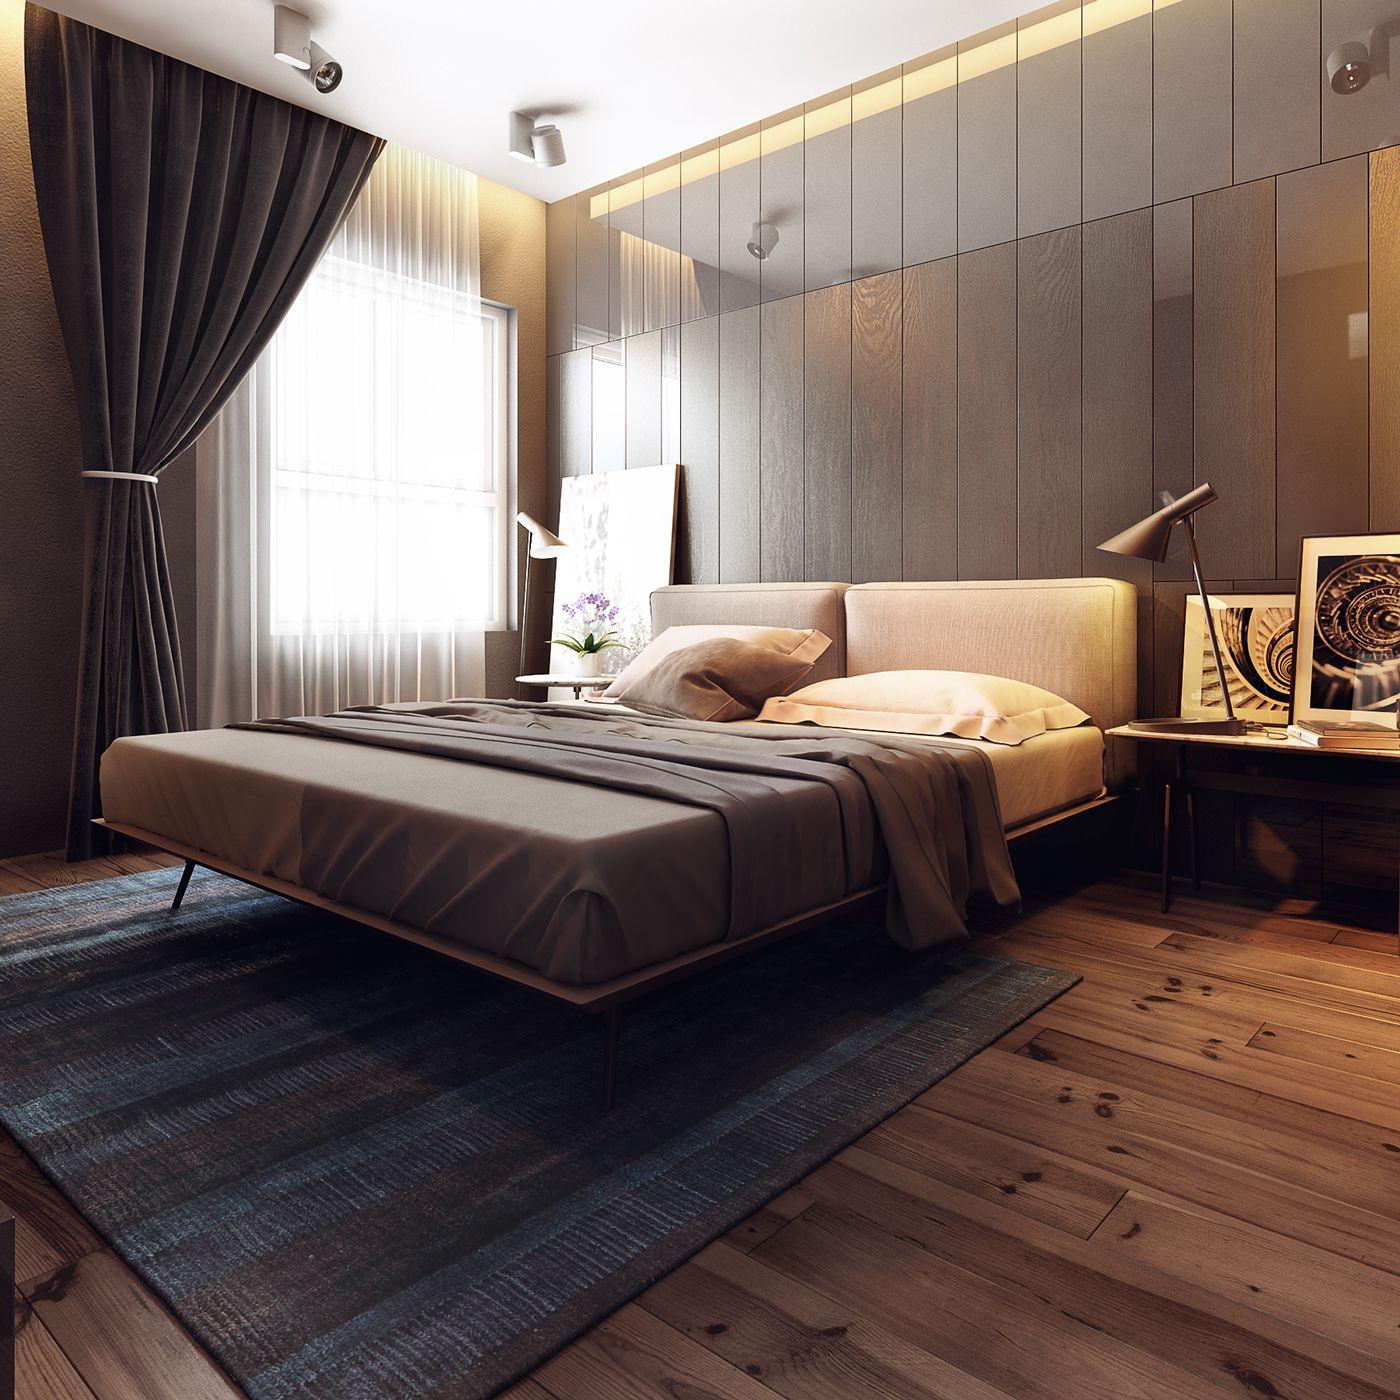 Бежевая кровать и стены в спальне